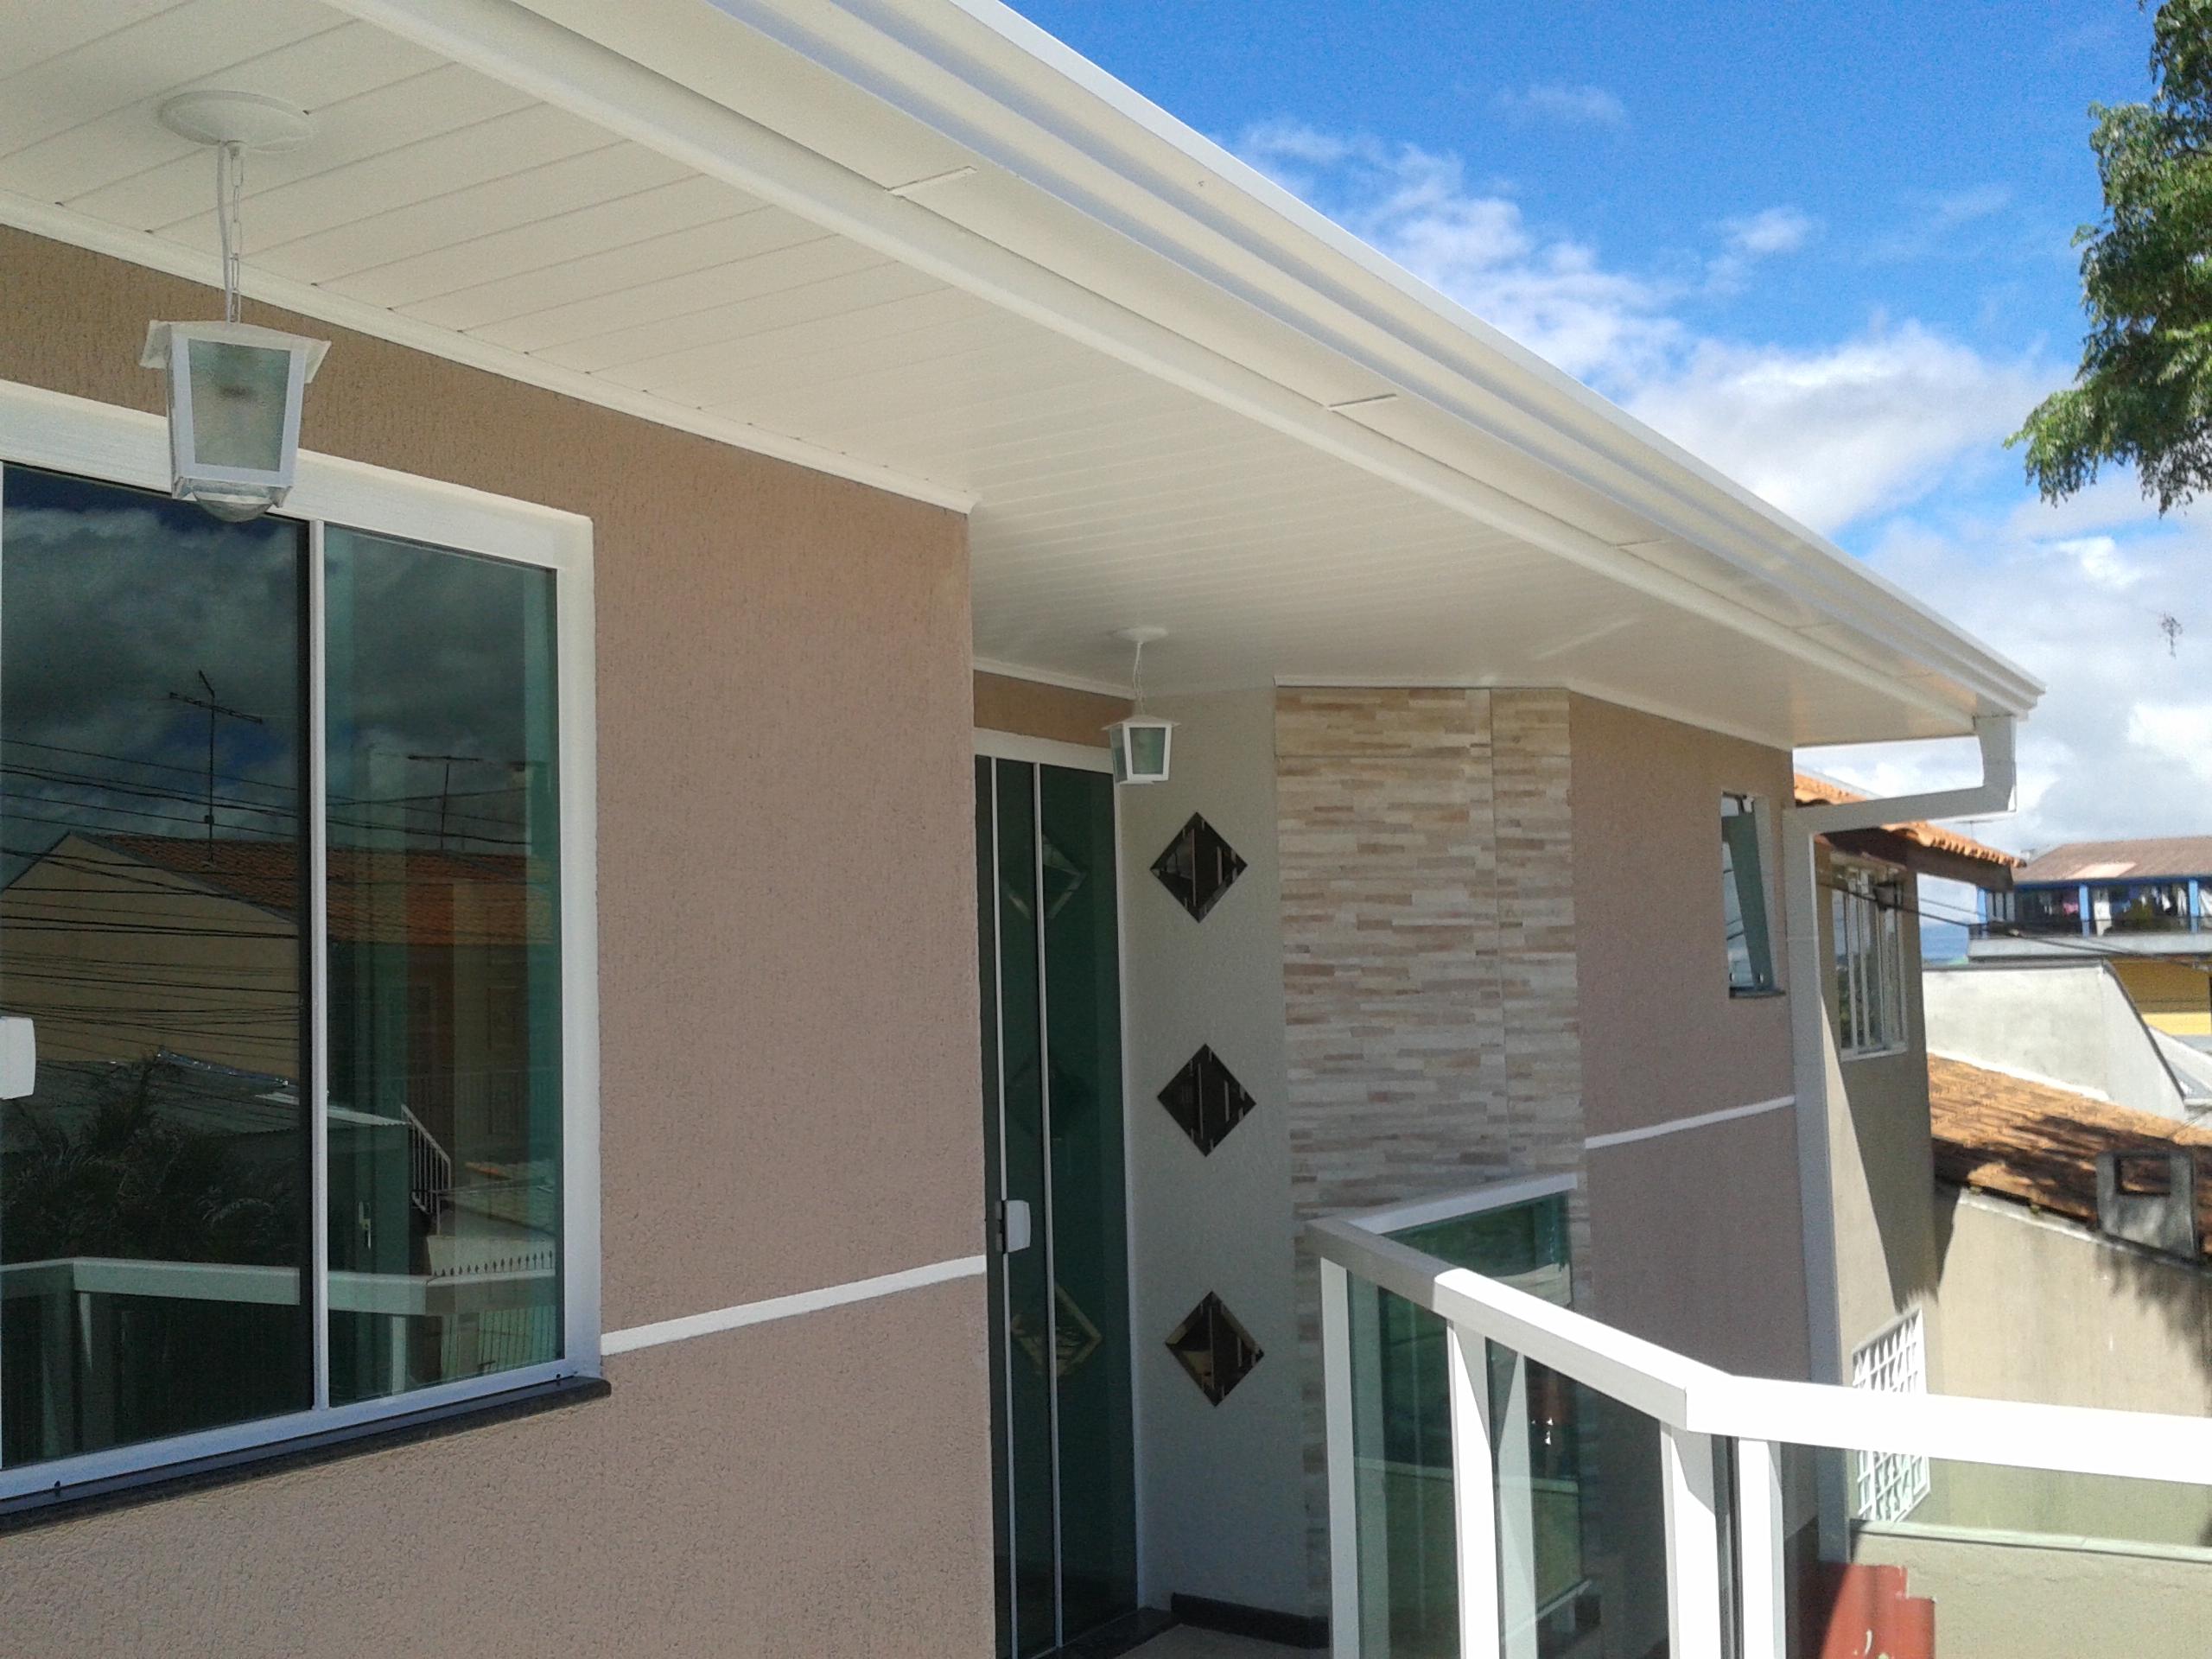 Afr reforma e constru o em geral pintor encanador - Reforma de casas ...